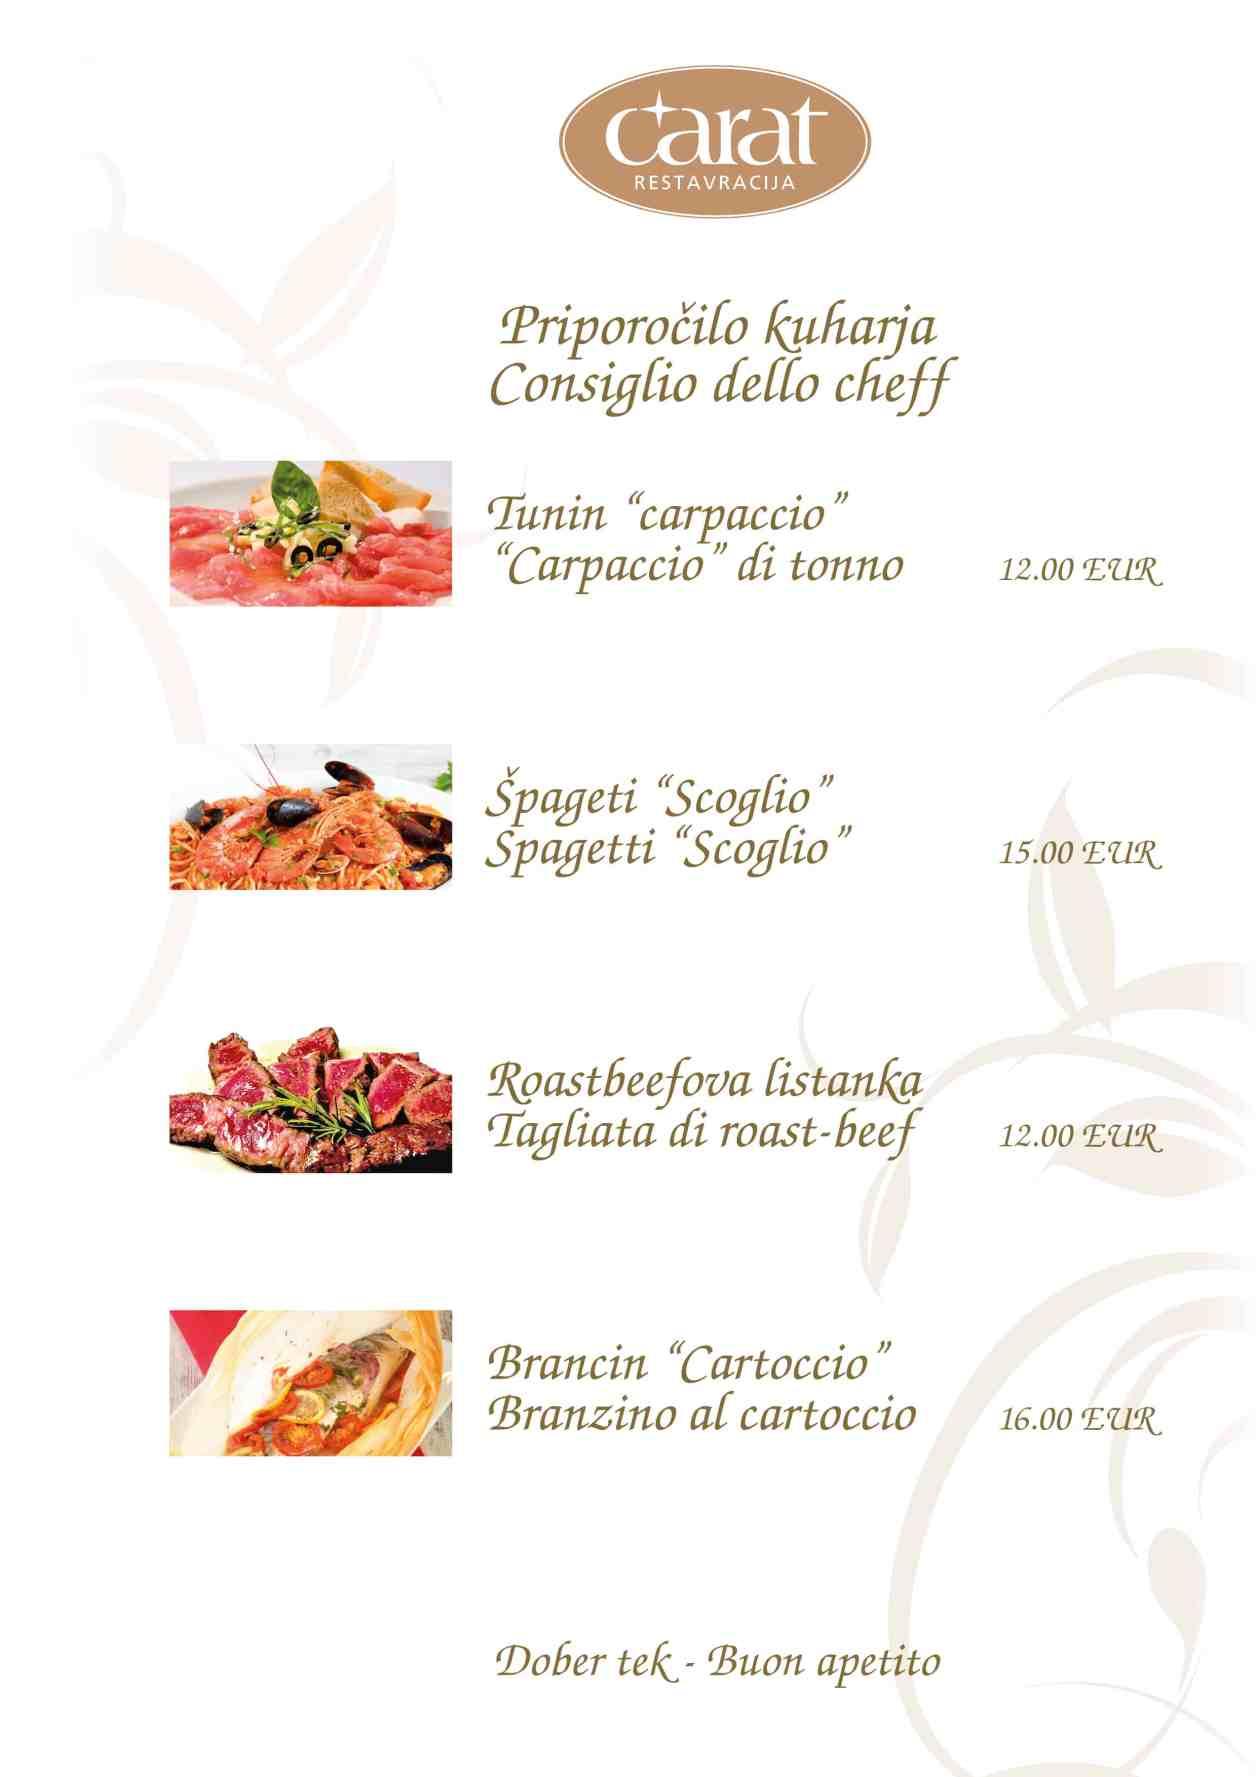 priporocilo-kuharja-4